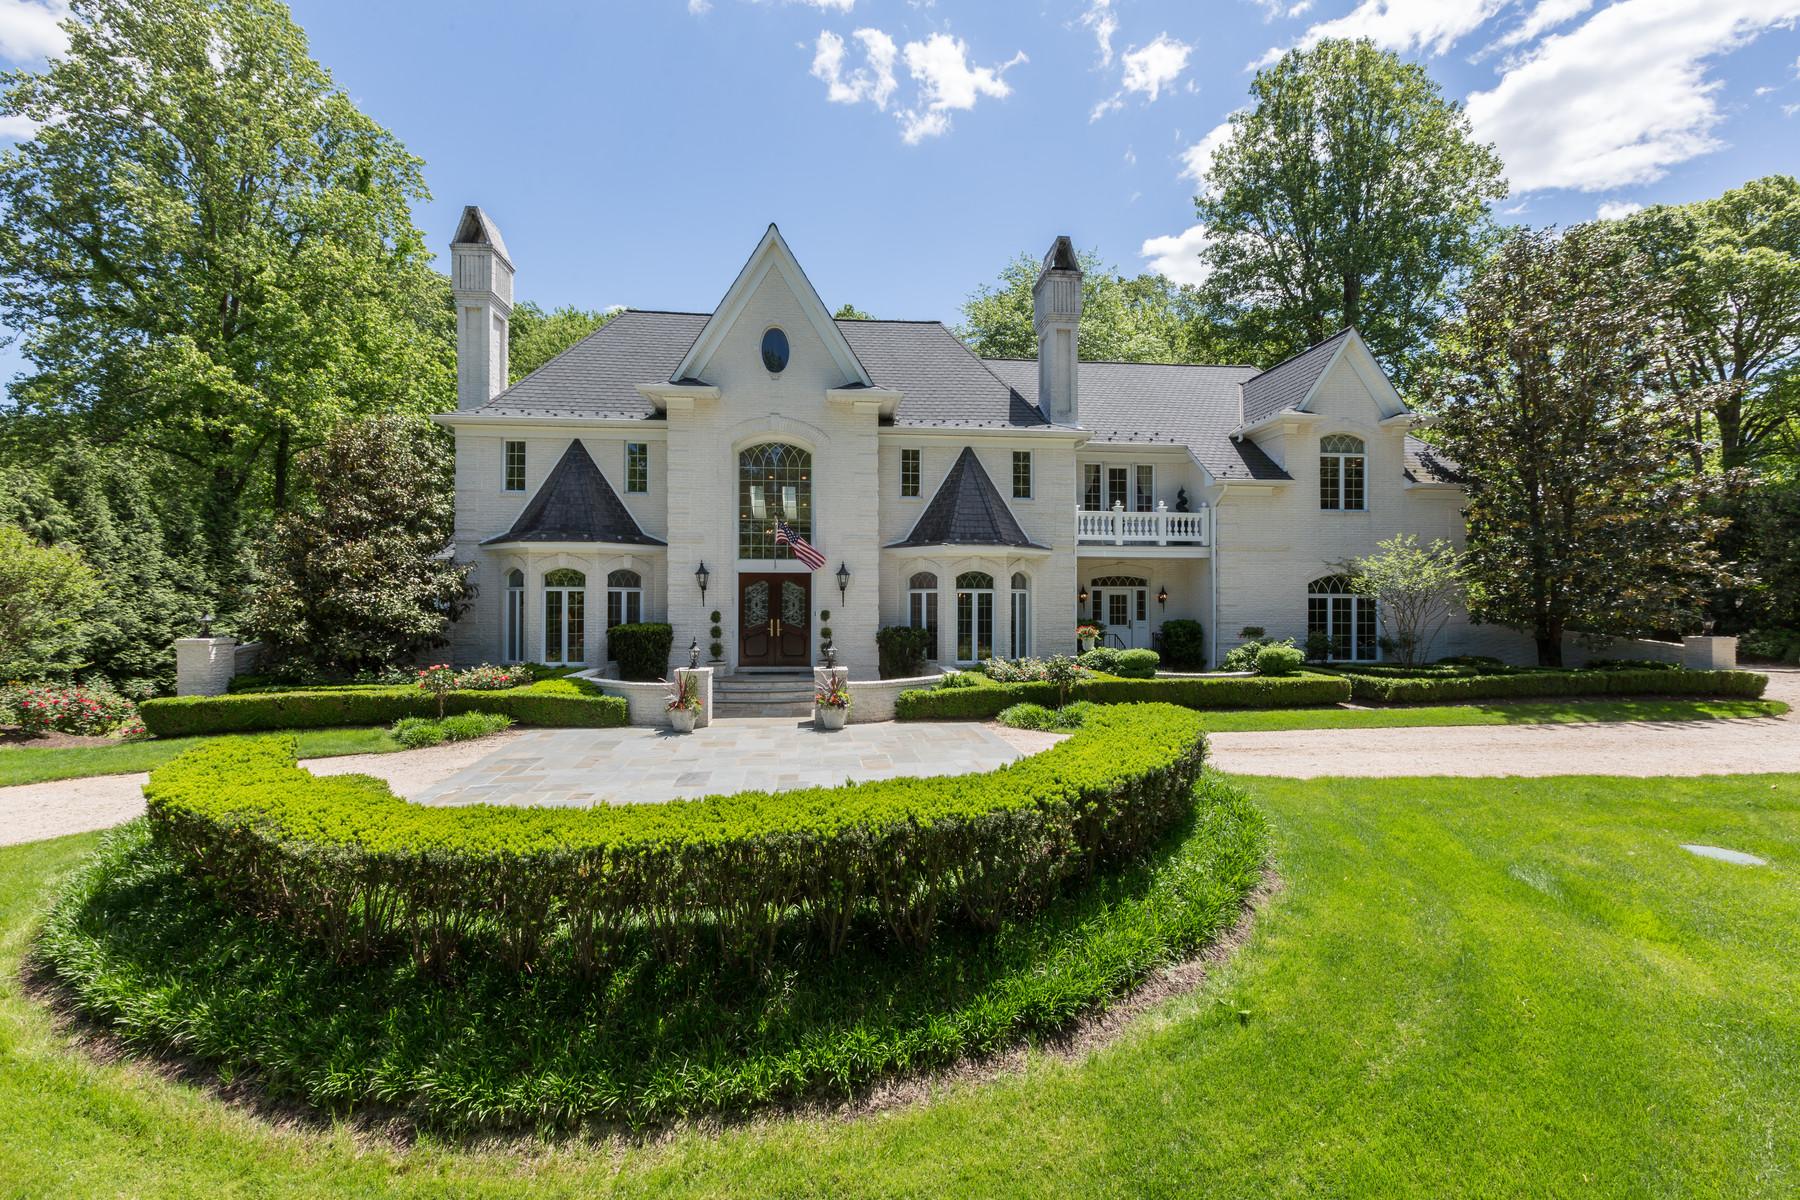 獨棟家庭住宅 為 出售 在 1031 Towlston Road, Mclean 1031 Towlston Rd McLean, 弗吉尼亞州, 22102 美國